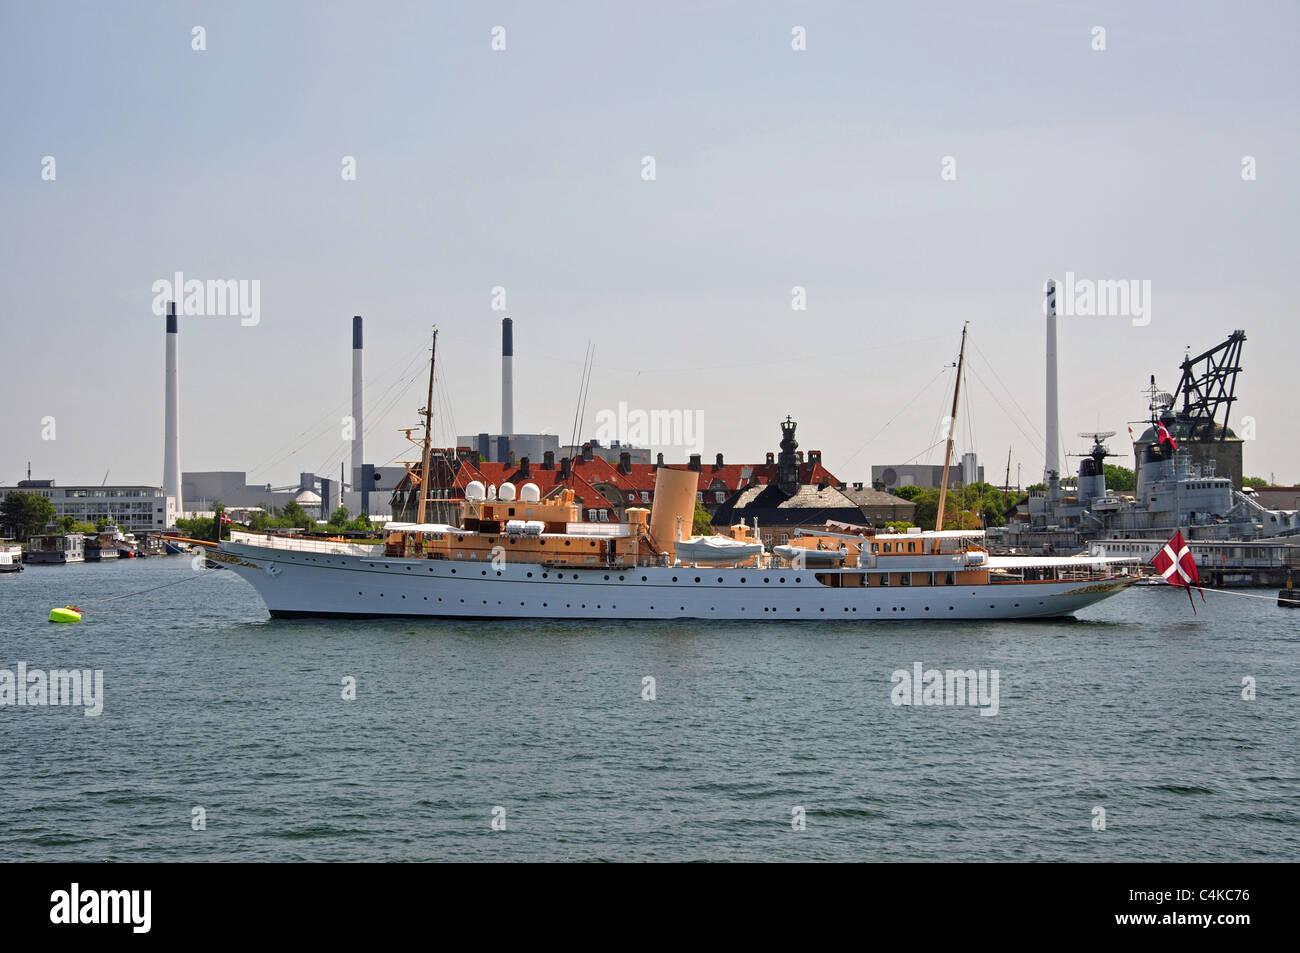 Her Danish Majesty's Yacht Dannebrog (A540) moored in harbour, Copenhagen, Hovedstaden Region, Denmark - Stock Image